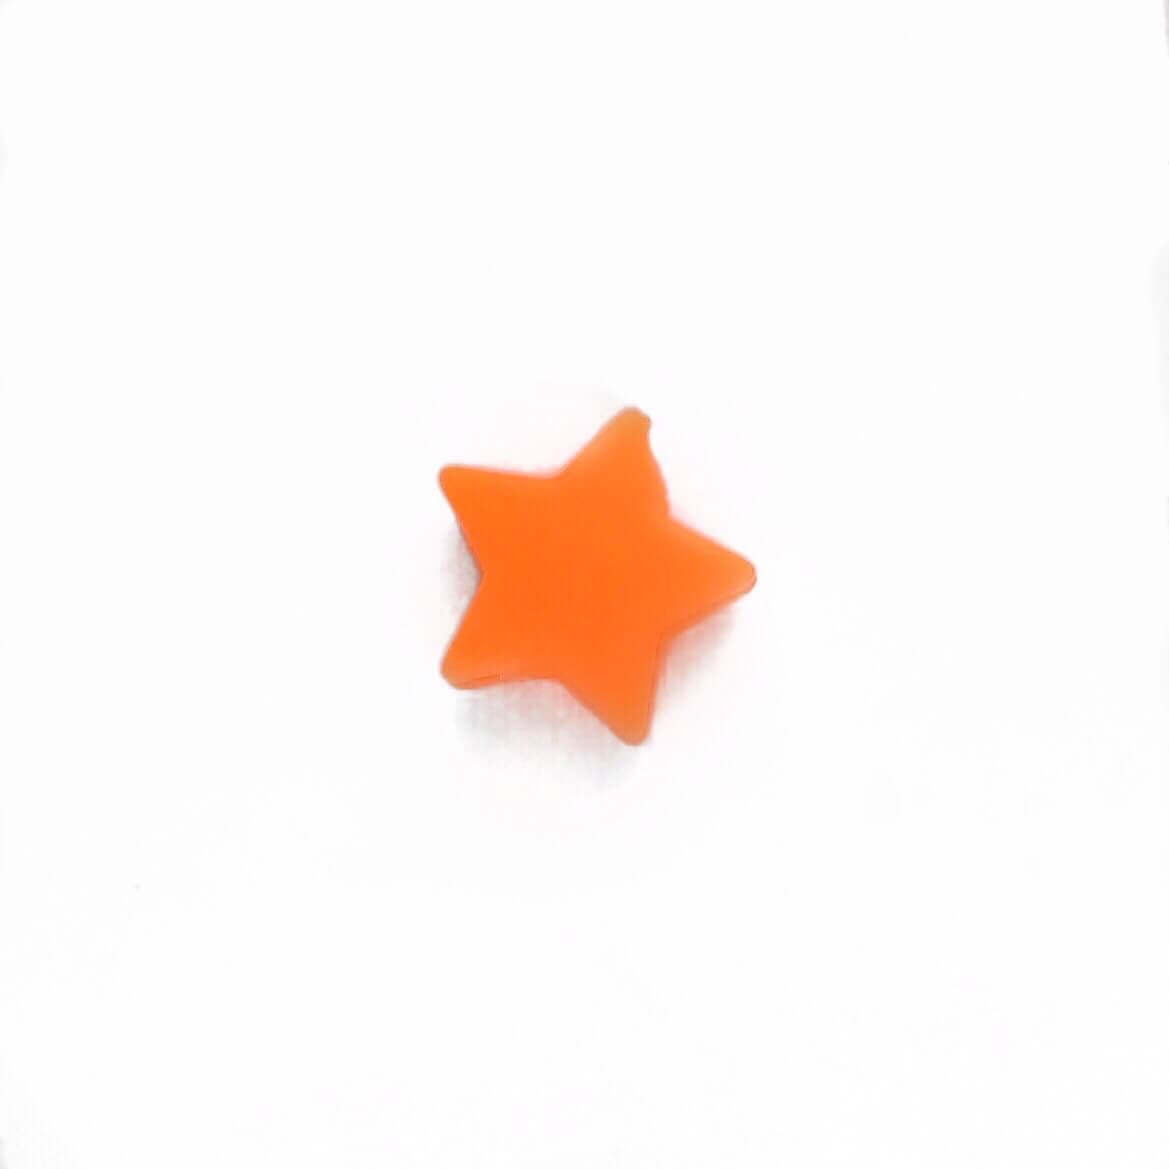 Мини звездочка (оранжевая) бусина из пищевого силикона